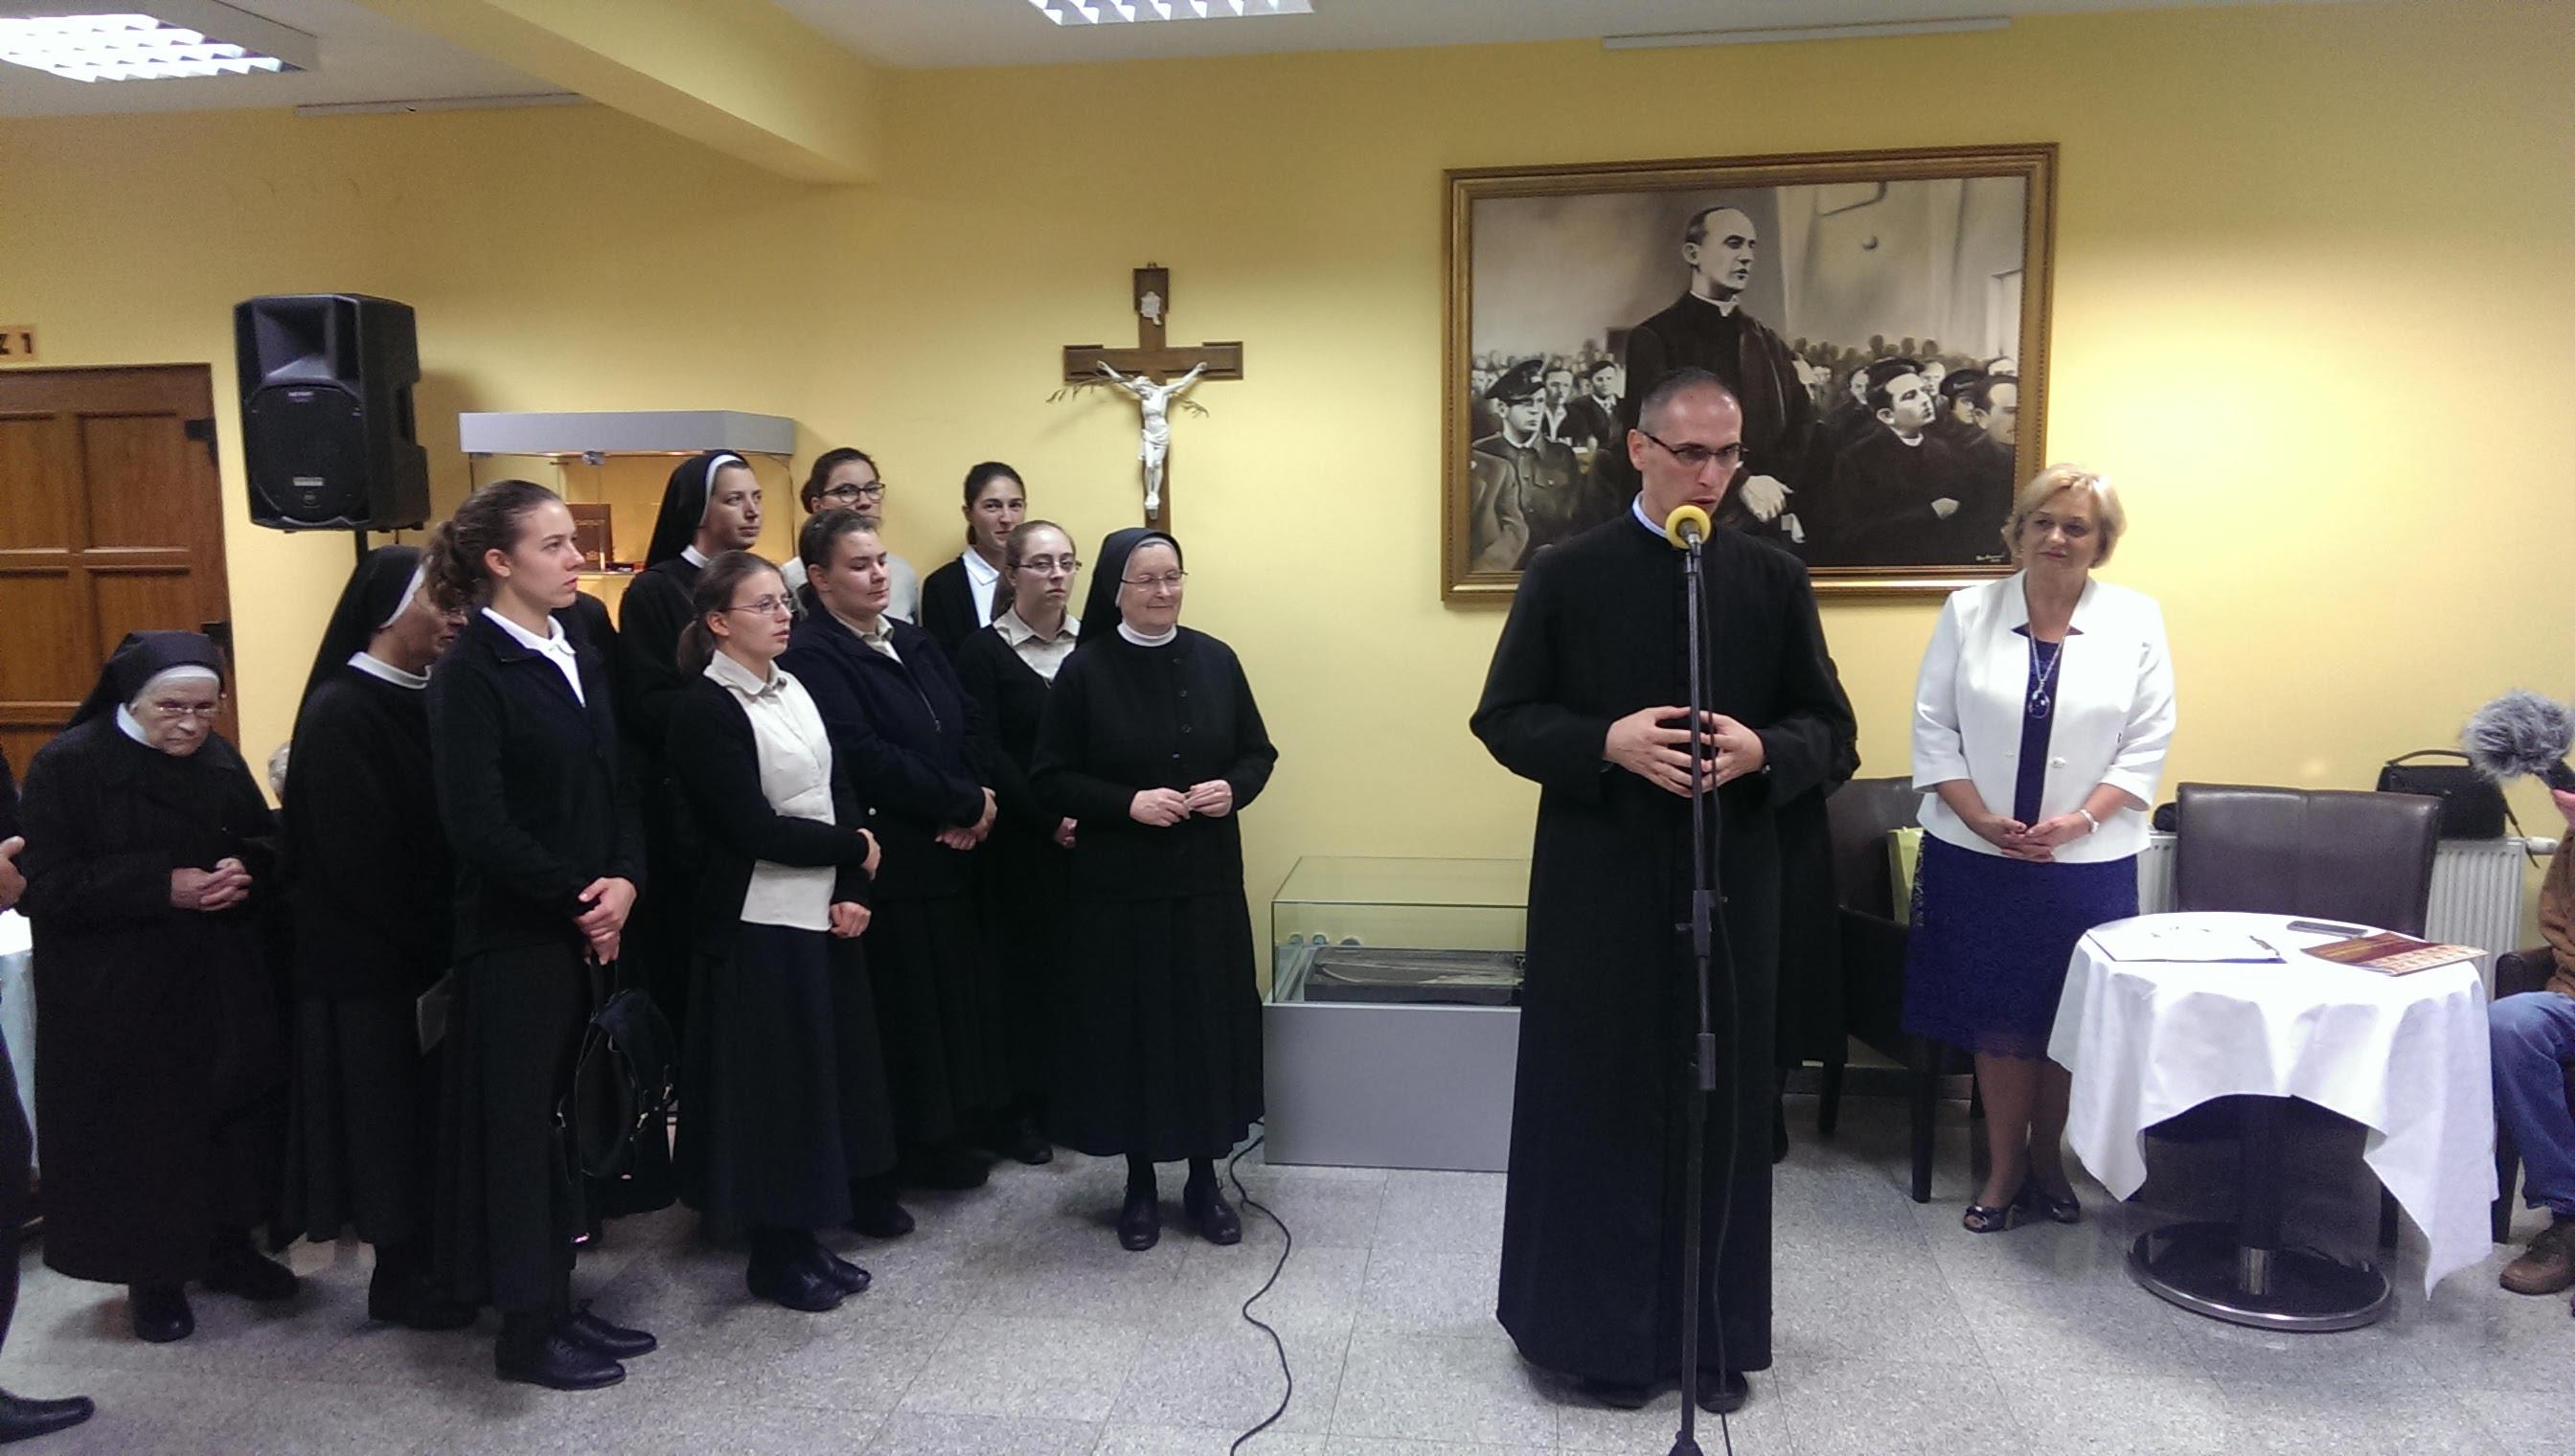 Župnik Robert Jugović govori na otvorenju izložbe 150 godina zajedno, 07. listopada 2018